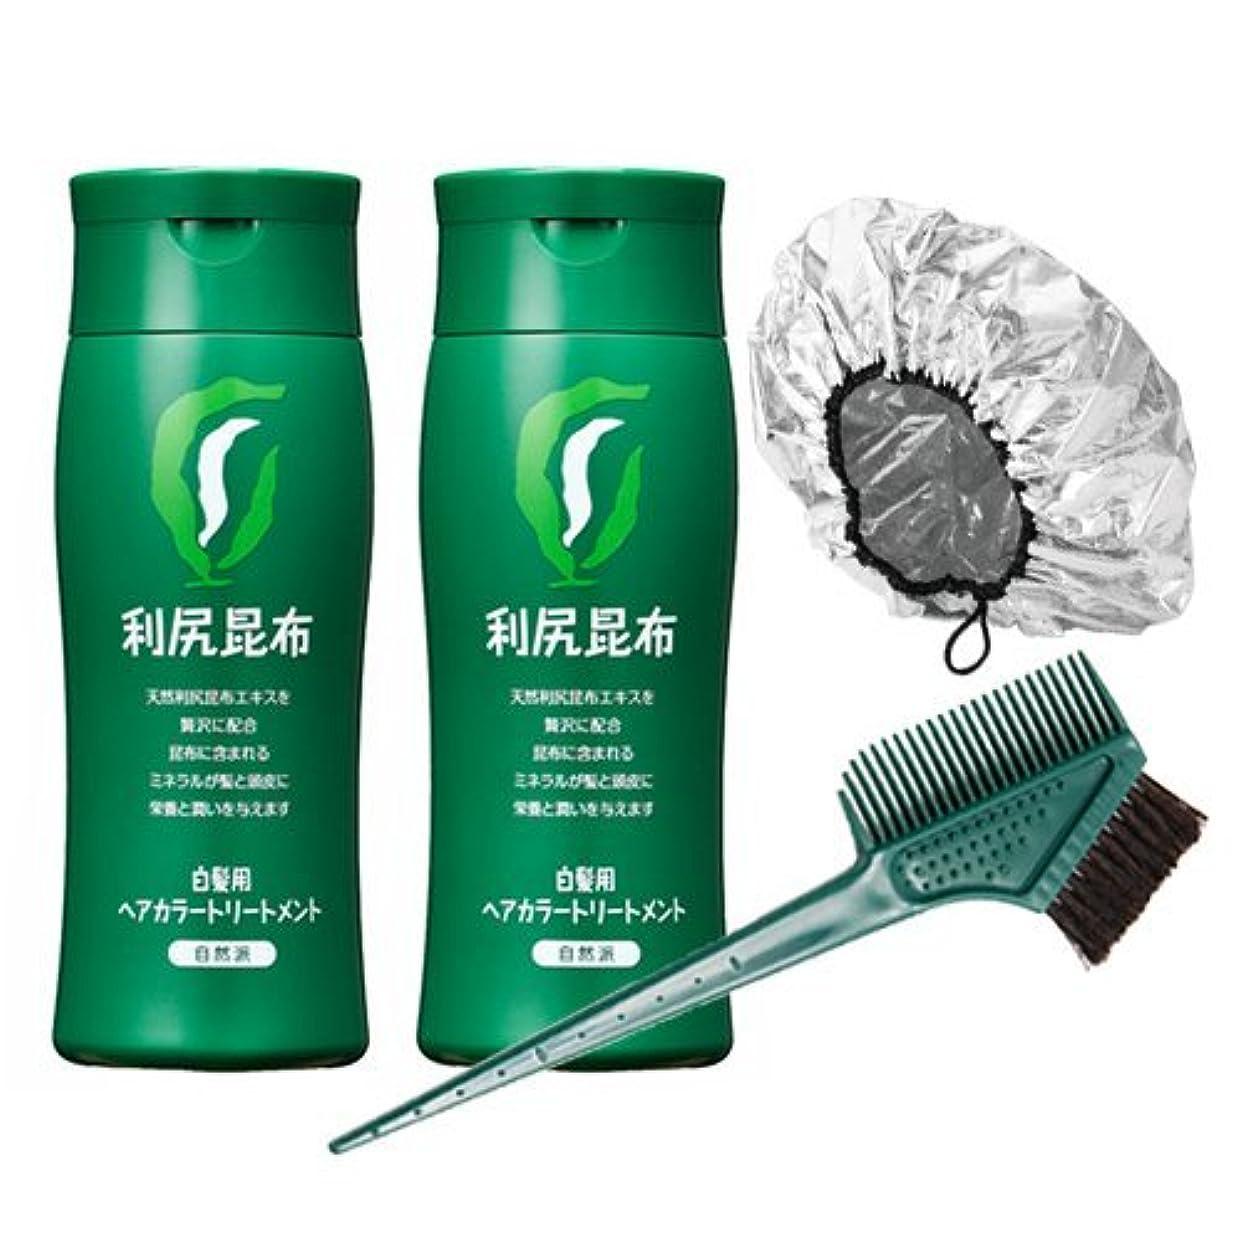 傘逆につぼみ利尻ヘアカラートリートメント白髪染め 200g×2本(ブラック)&馬毛100%毛染めブラシ&専用キャップセット